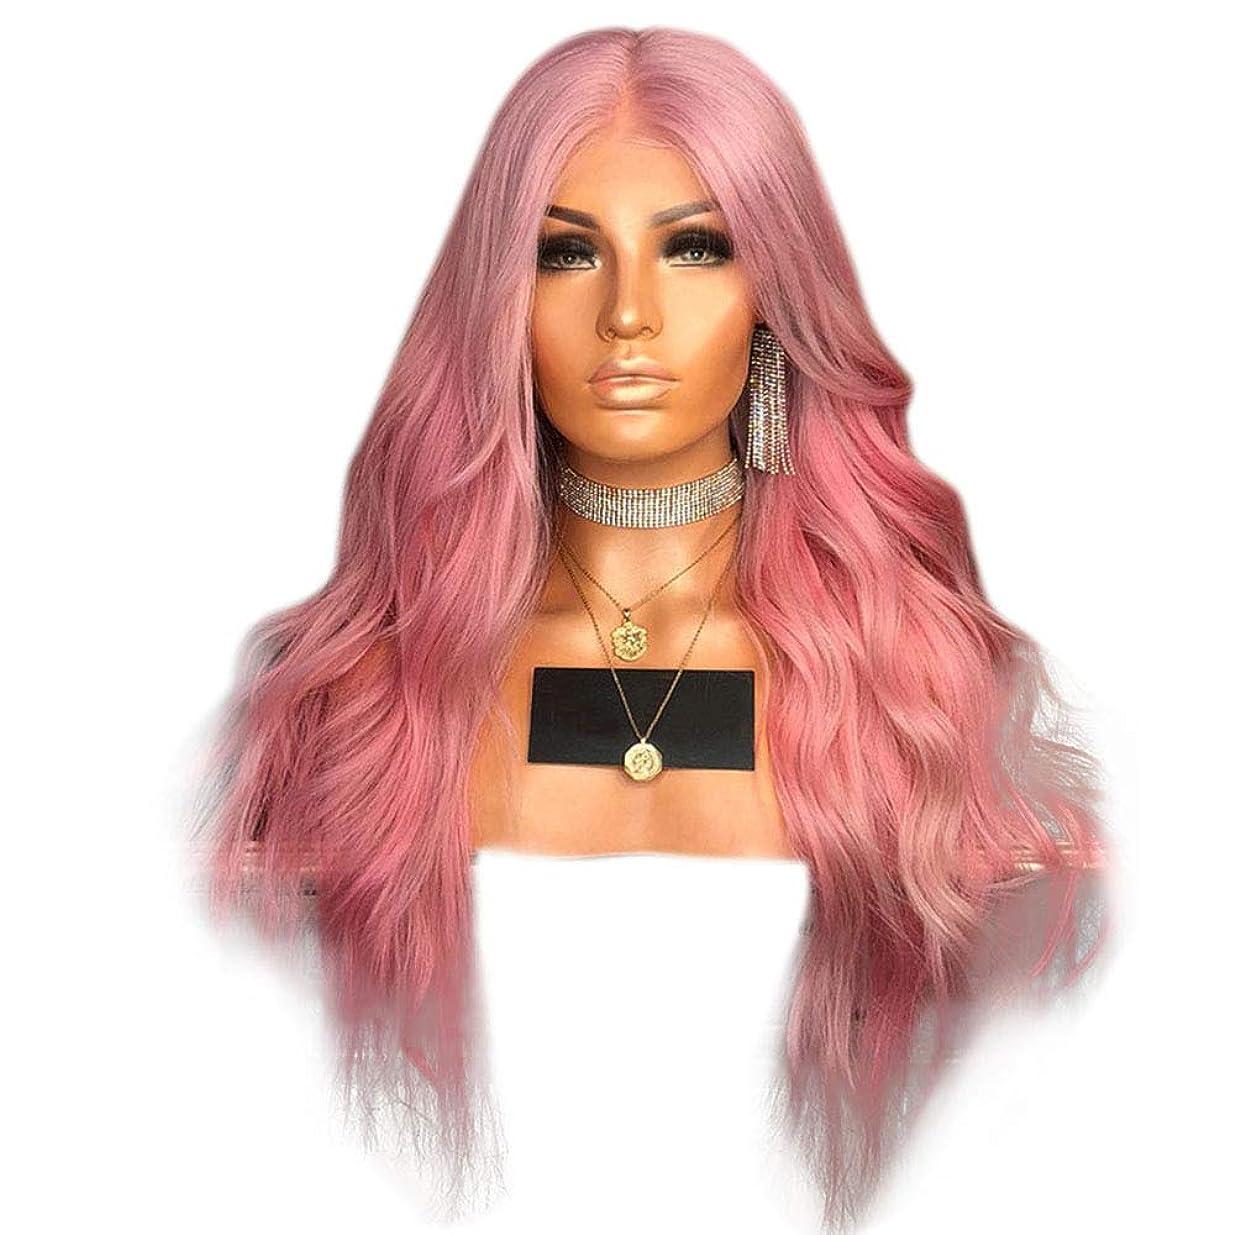 いとこみ富豪Isikawan ヨーロッパとアメリカの女性の長い髪のグラデーション染色かつらマイクロヘアカーリング髪 (色 : Photo Color, サイズ : 65cm)